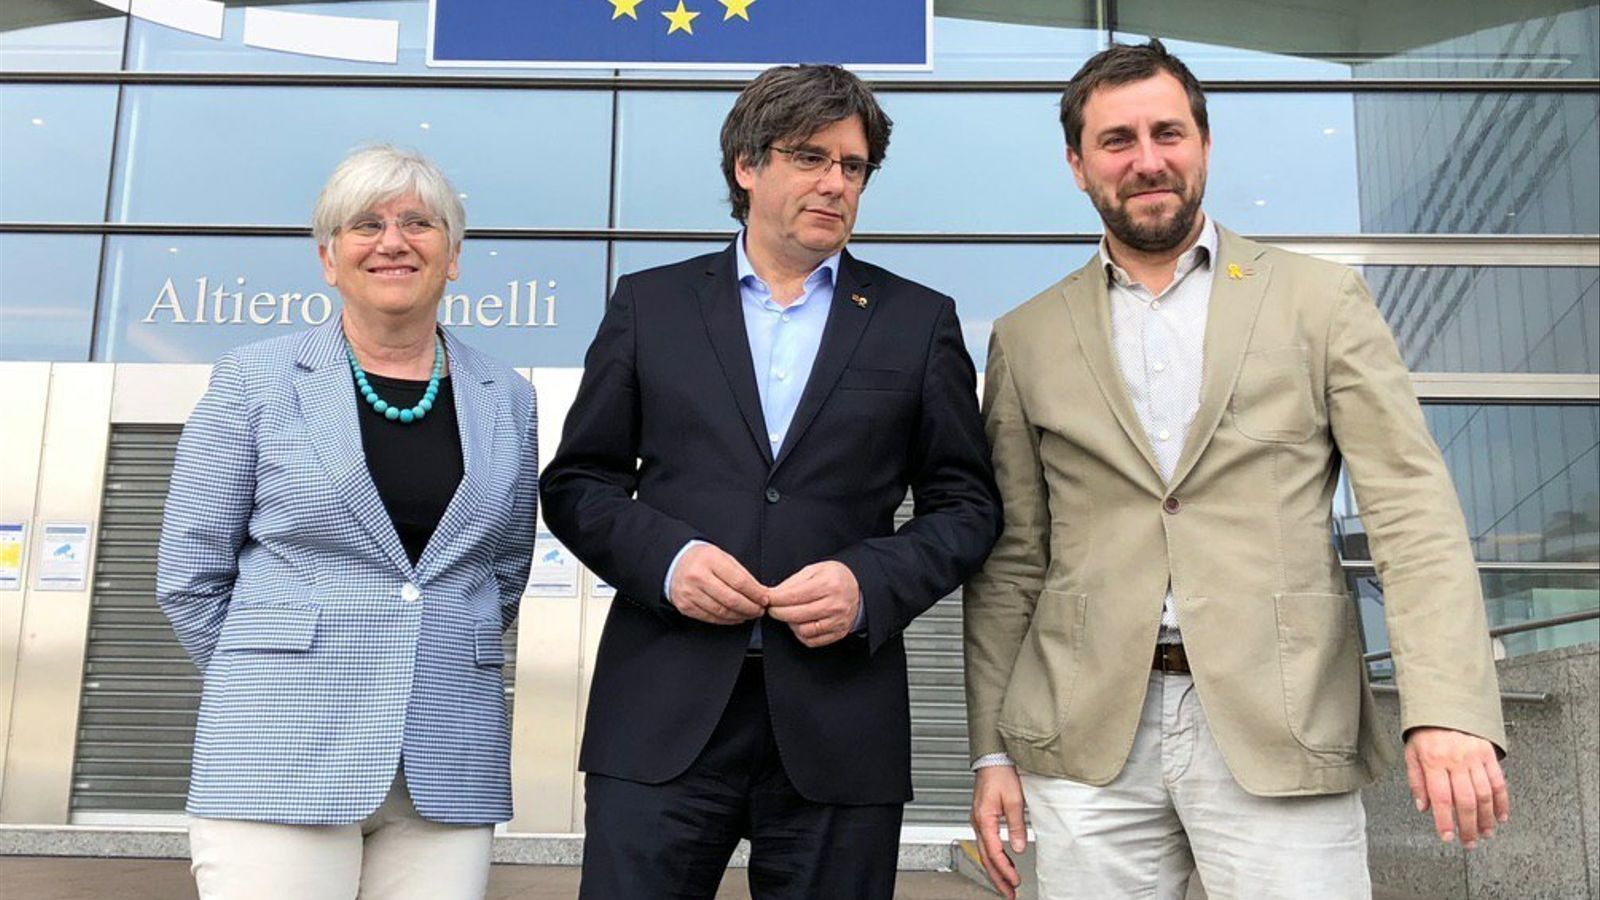 El BOE proclama Puigdemont, Comín i Junqueras com a eurodiputats electes